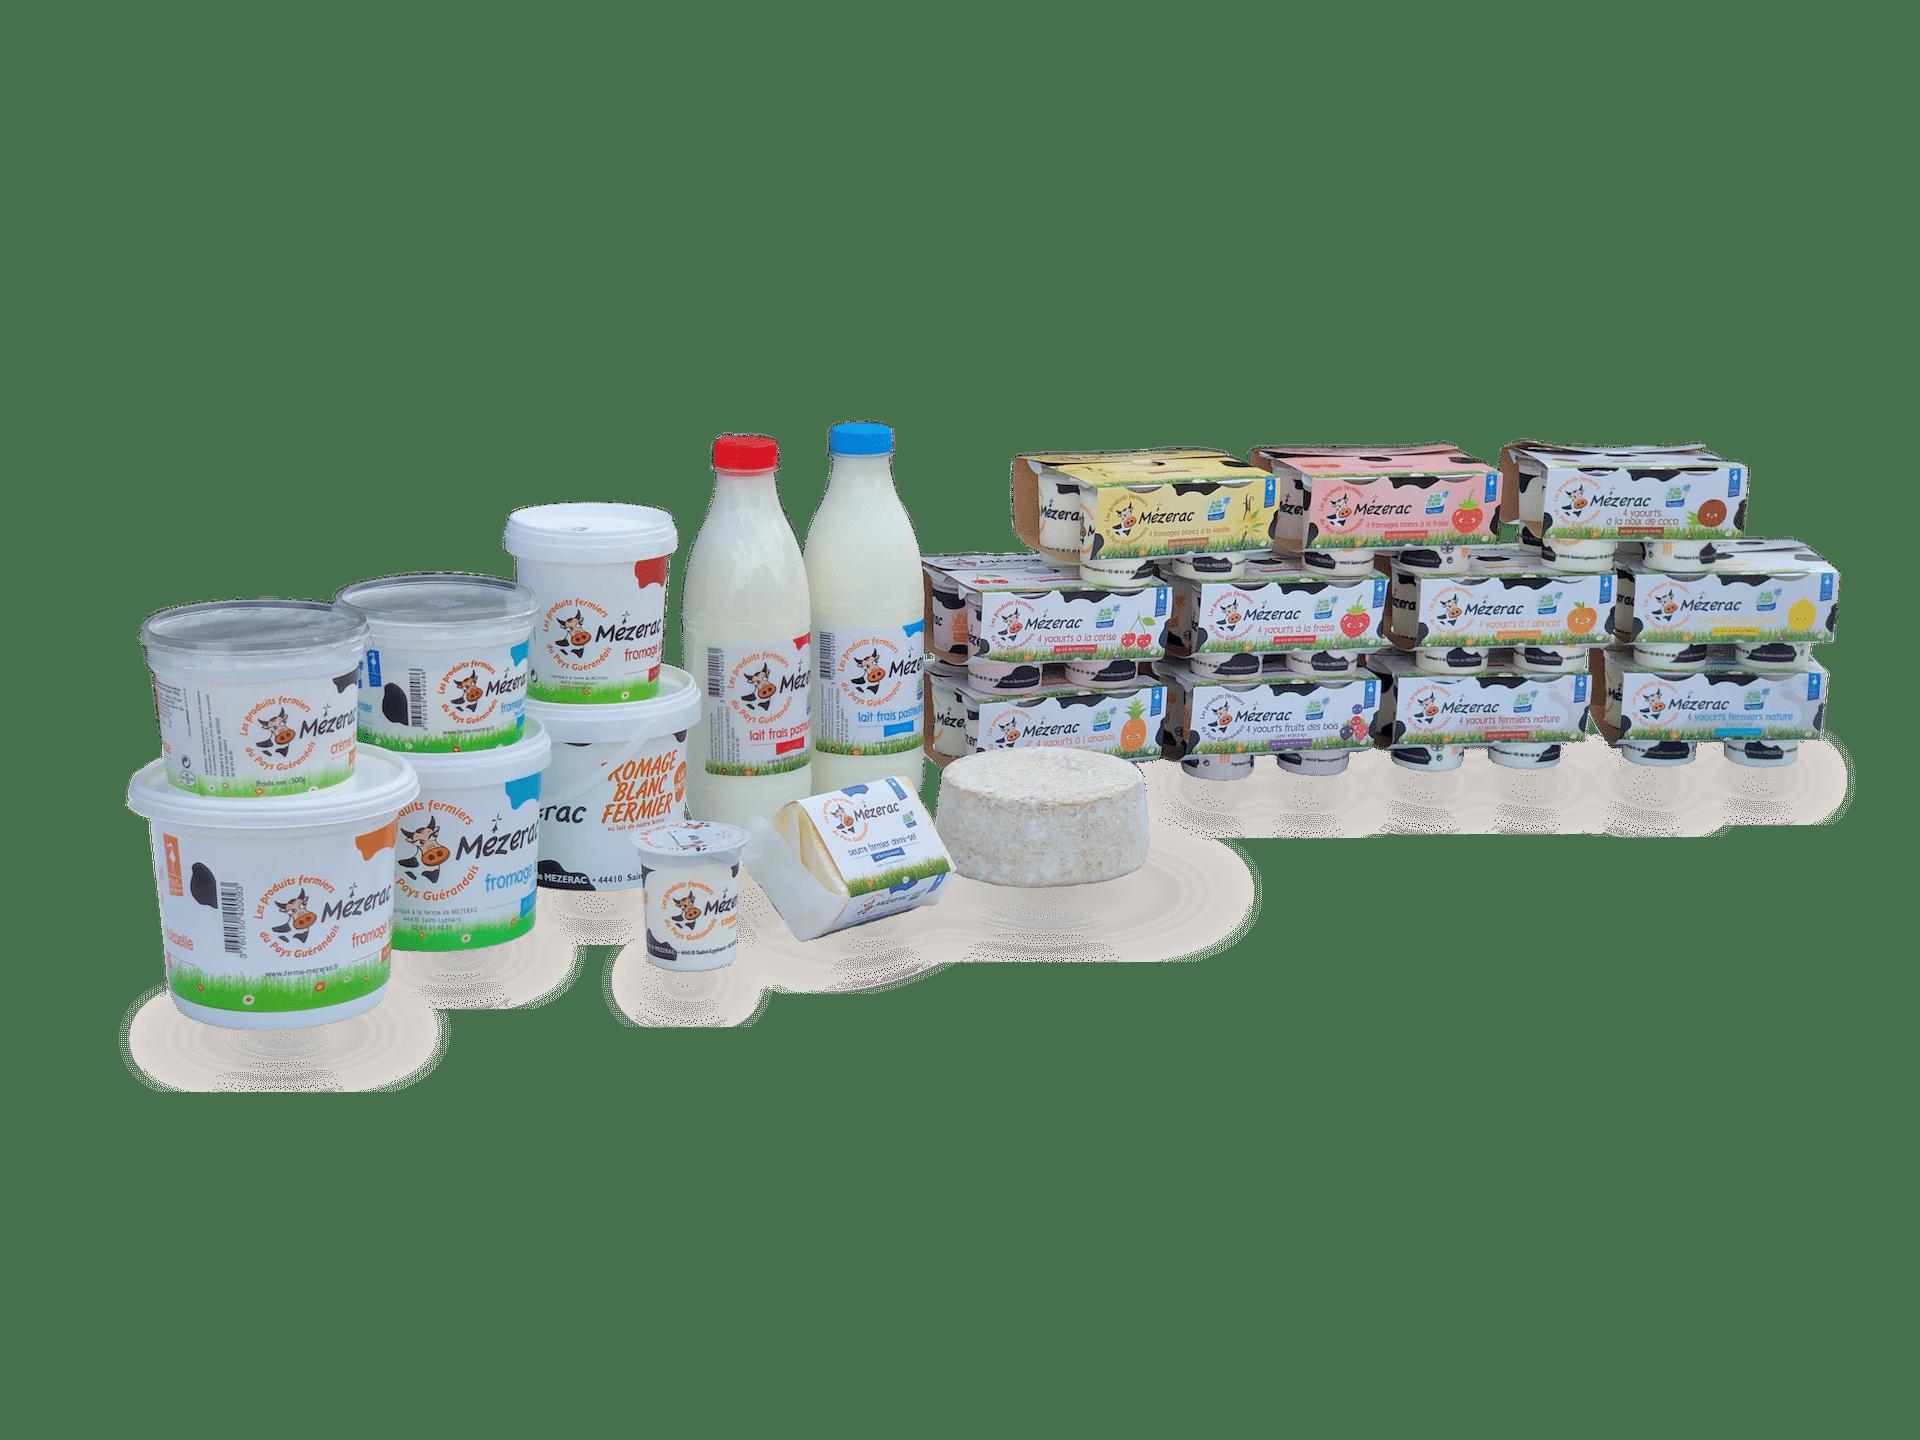 produits-laitiers-fermiers-ferme-mezerac-pays-de-guerande